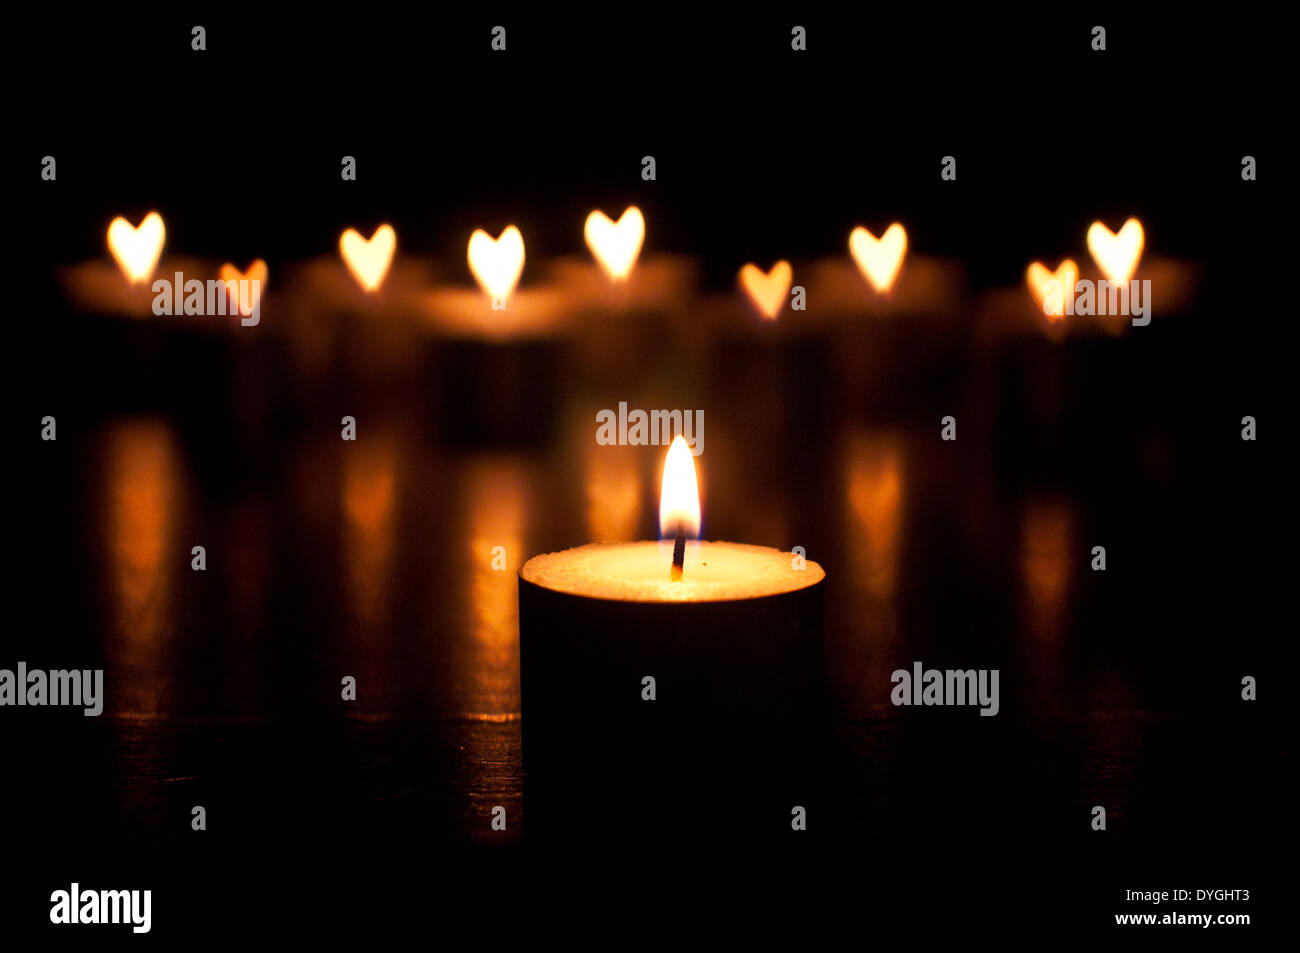 Les bougies avec des problèmes de mise au point les flammes en forme de coeur d'amour Photo Stock